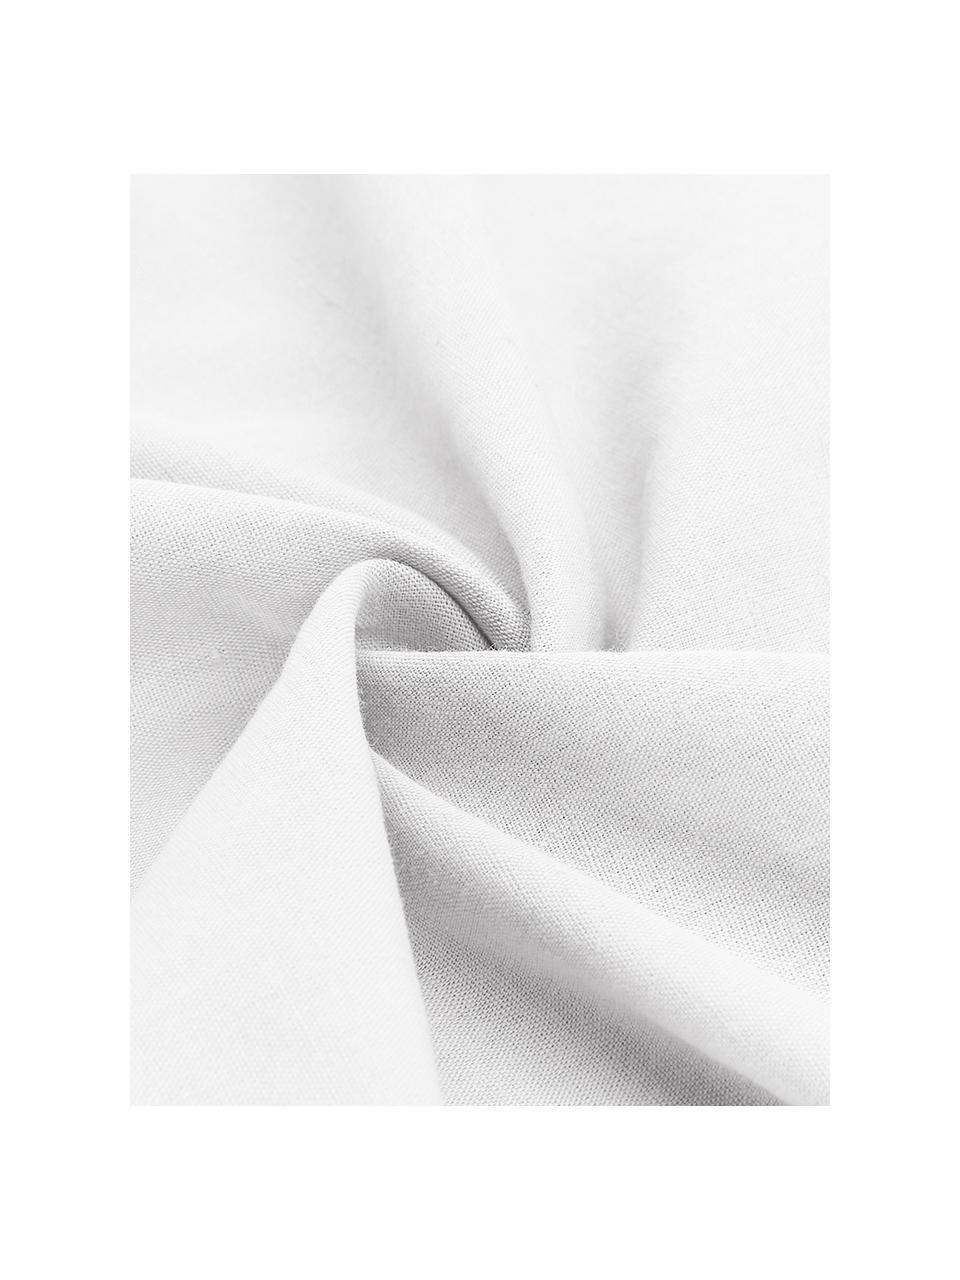 Leinen-Spannbettlaken Nature in Weiß, Halbleinen (52% Leinen, 48% Baumwolle)  Fadendichte 108 TC, Standard Qualität  Halbleinen hat von Natur aus einen kernigen Griff und einen natürlichen Knitterlook, der durch den Stonewash-Effekt verstärkt wird. Es absorbiert bis zu 35% Luftfeuchtigkeit, trocknet sehr schnell und wirkt in Sommernächten angenehm kühlend. Die hohe Reißfestigkeit macht Halbleinen scheuerfest und strapazierfähig, Weiß, 180 x 200 cm